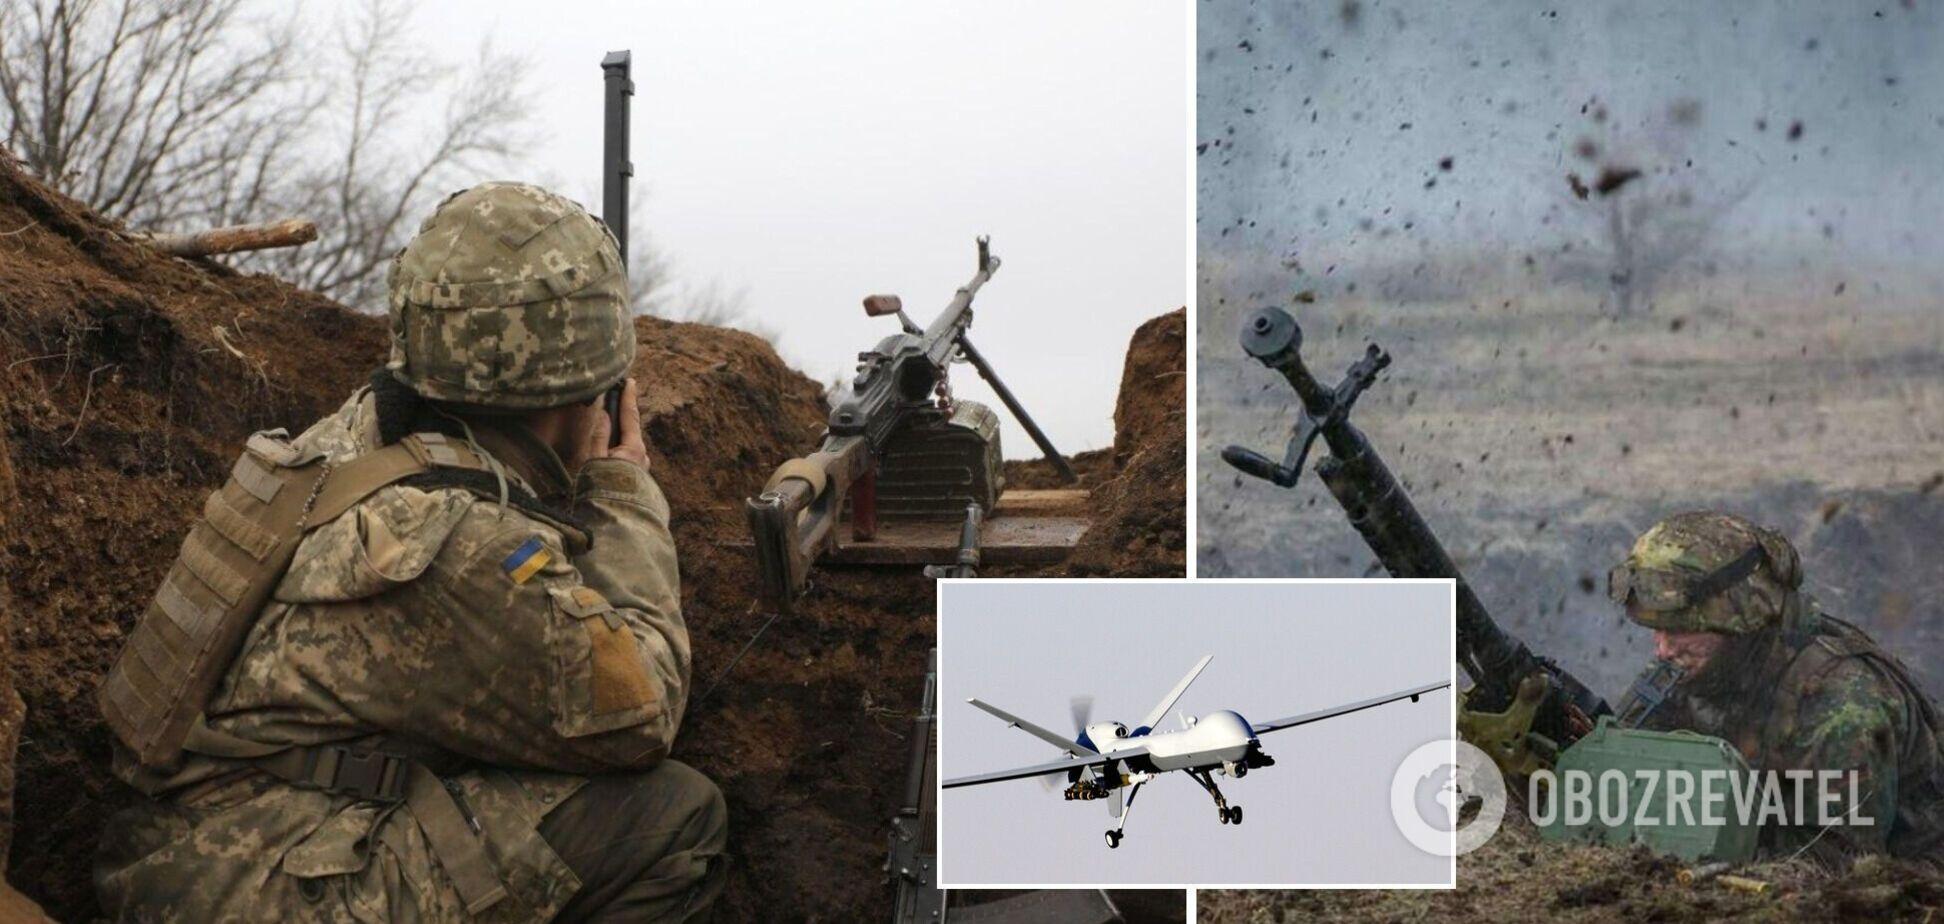 Оккупанты обстреляли ВСУ на Донбассе из гранатометов и запустили беспилотники